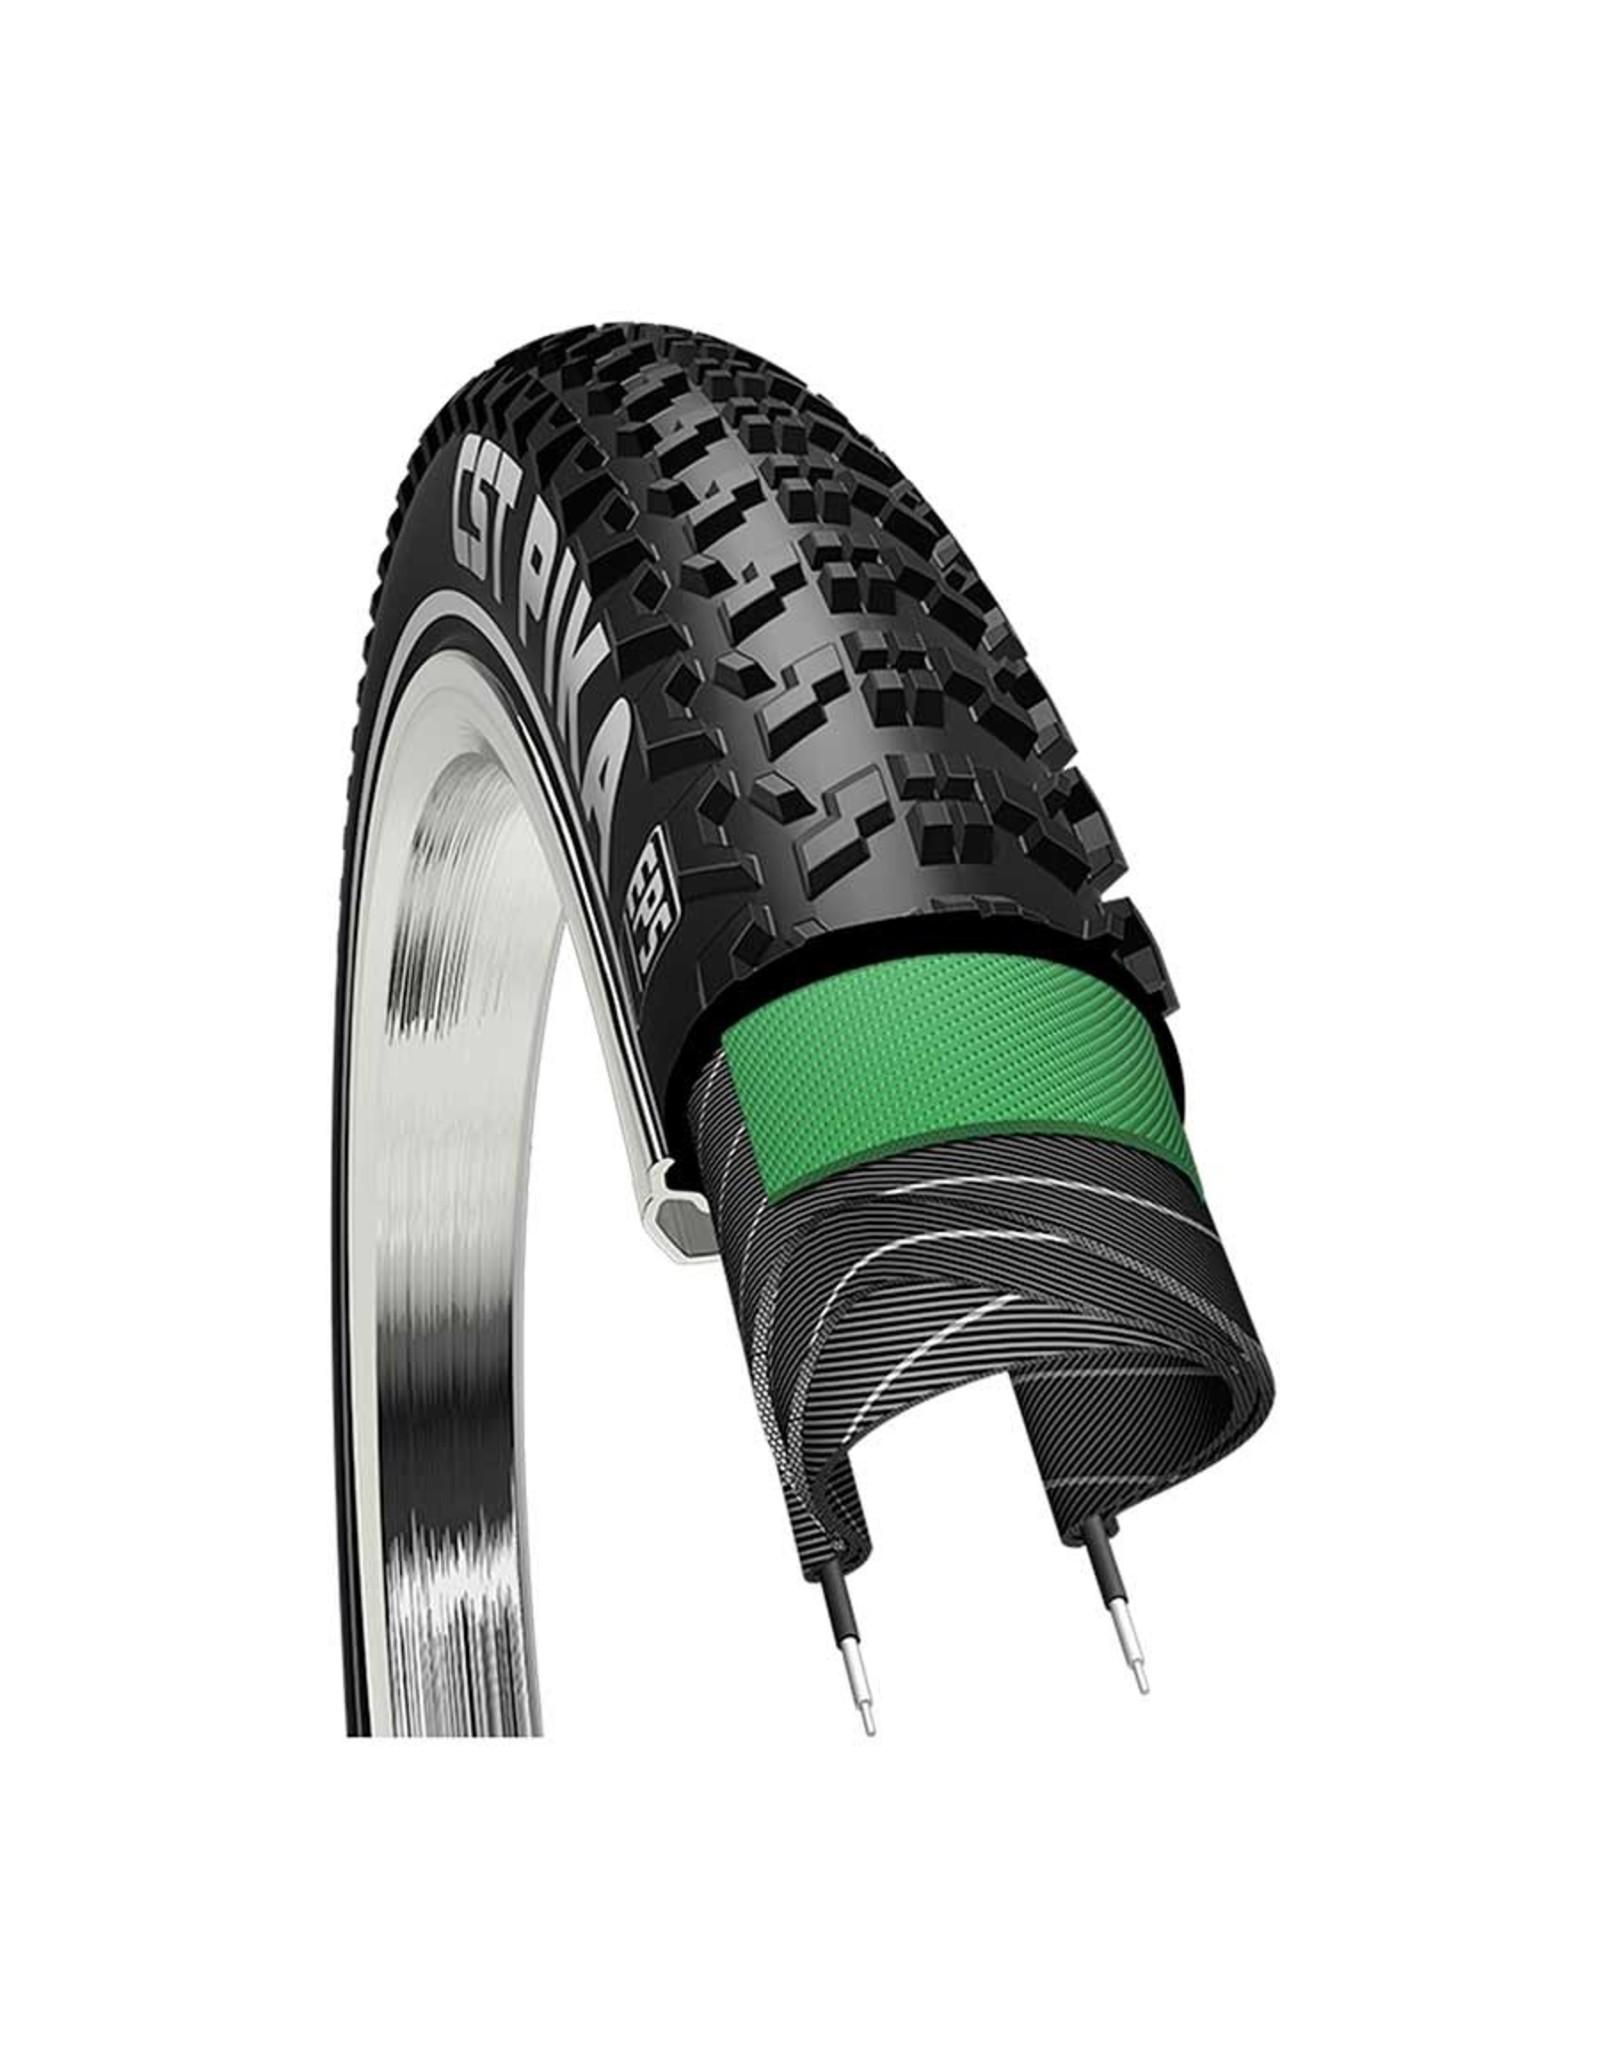 CST CST, Pika C1894, Tire, 700x38C, Wire, Clincher, Dual, EPS, 60TPI, Black